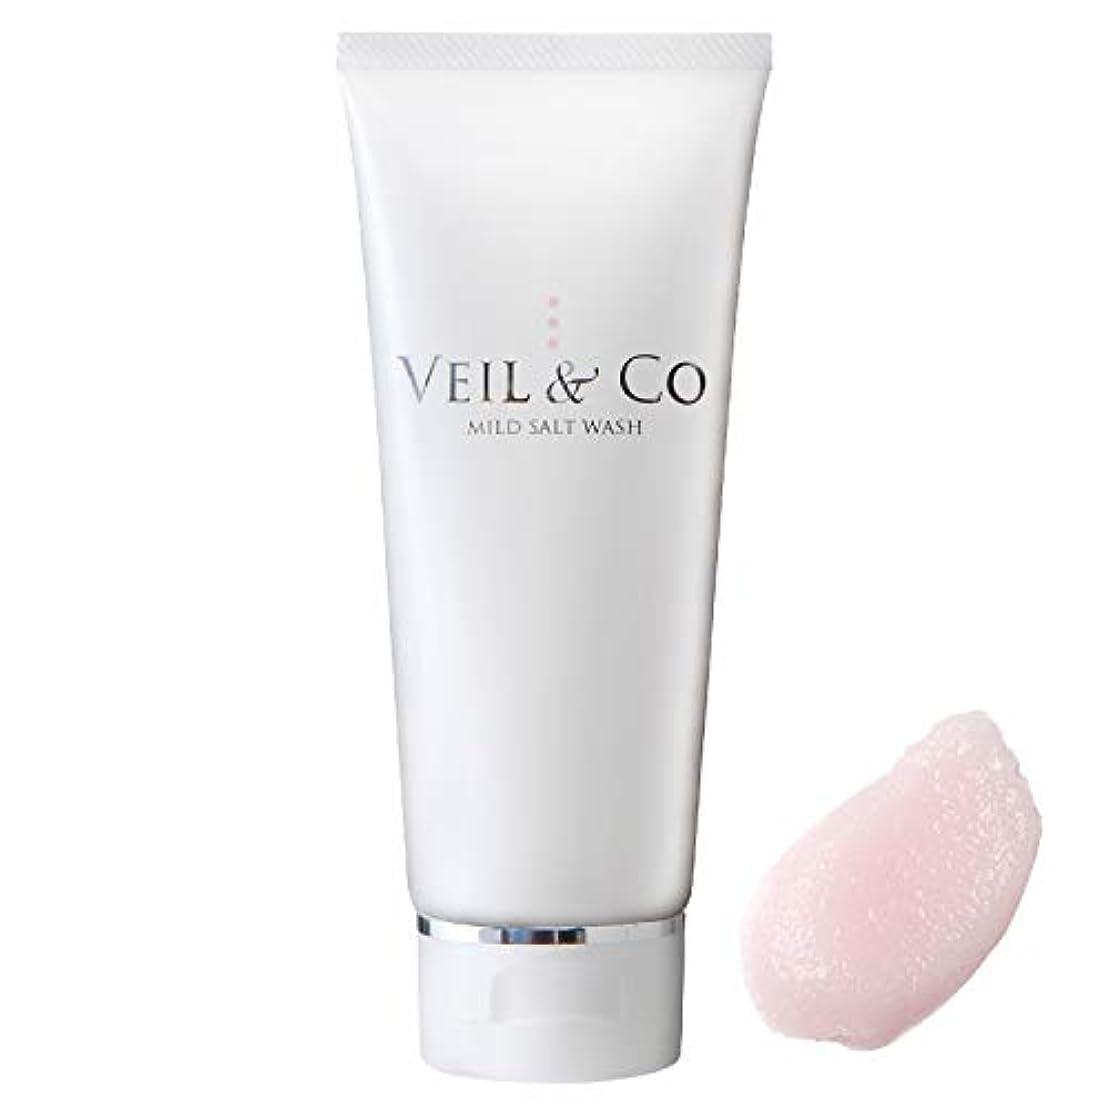 日常的にアクセント歌う【VEIL&Co】ベールアンドコー 毛穴専用マイルドソルトウォッシュ(洗顔料) 150g